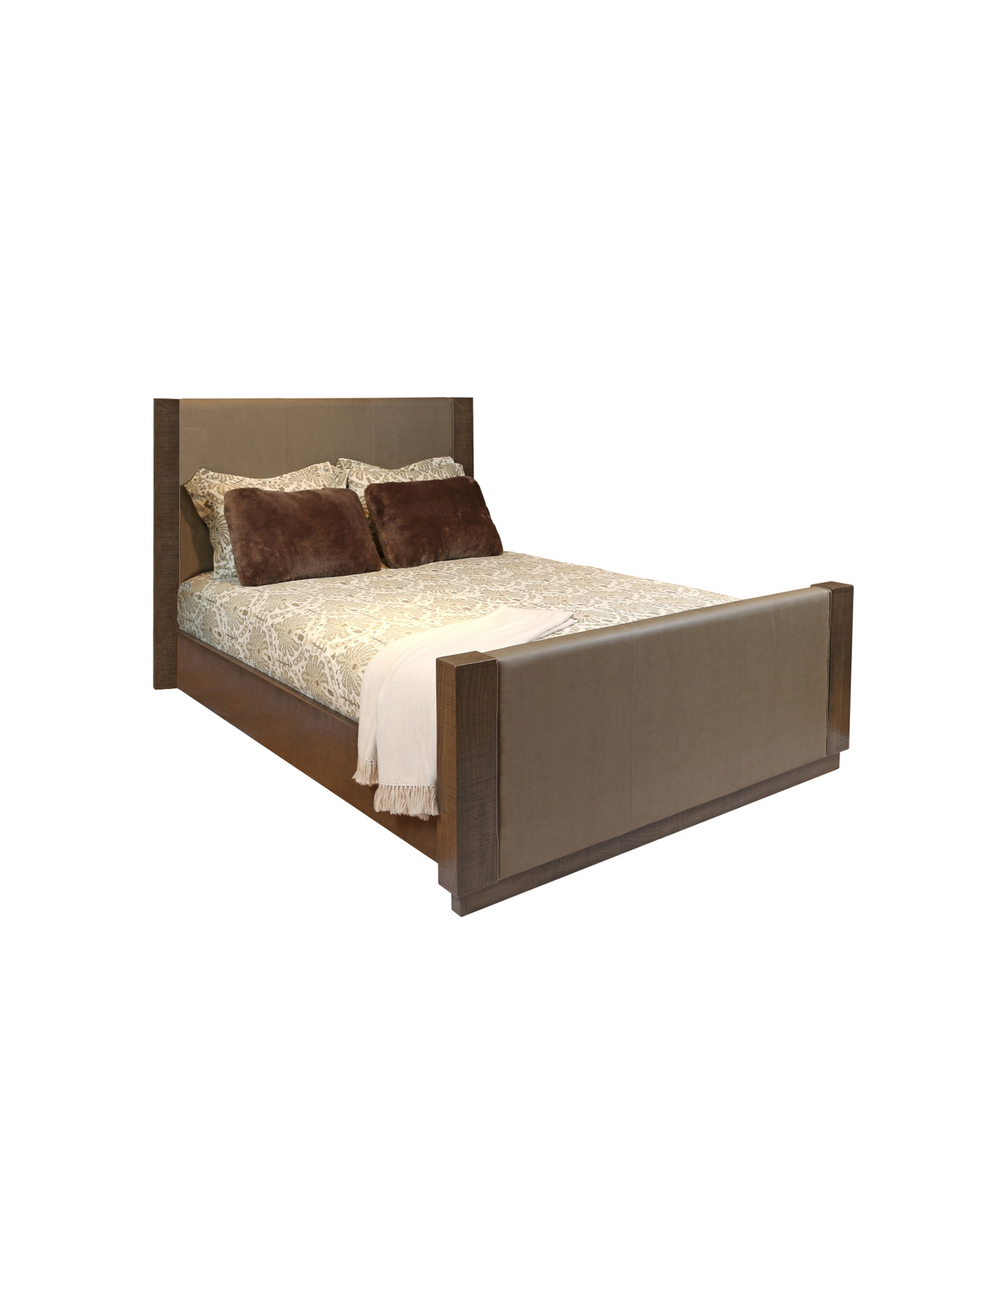 Coronado Bed.jpg